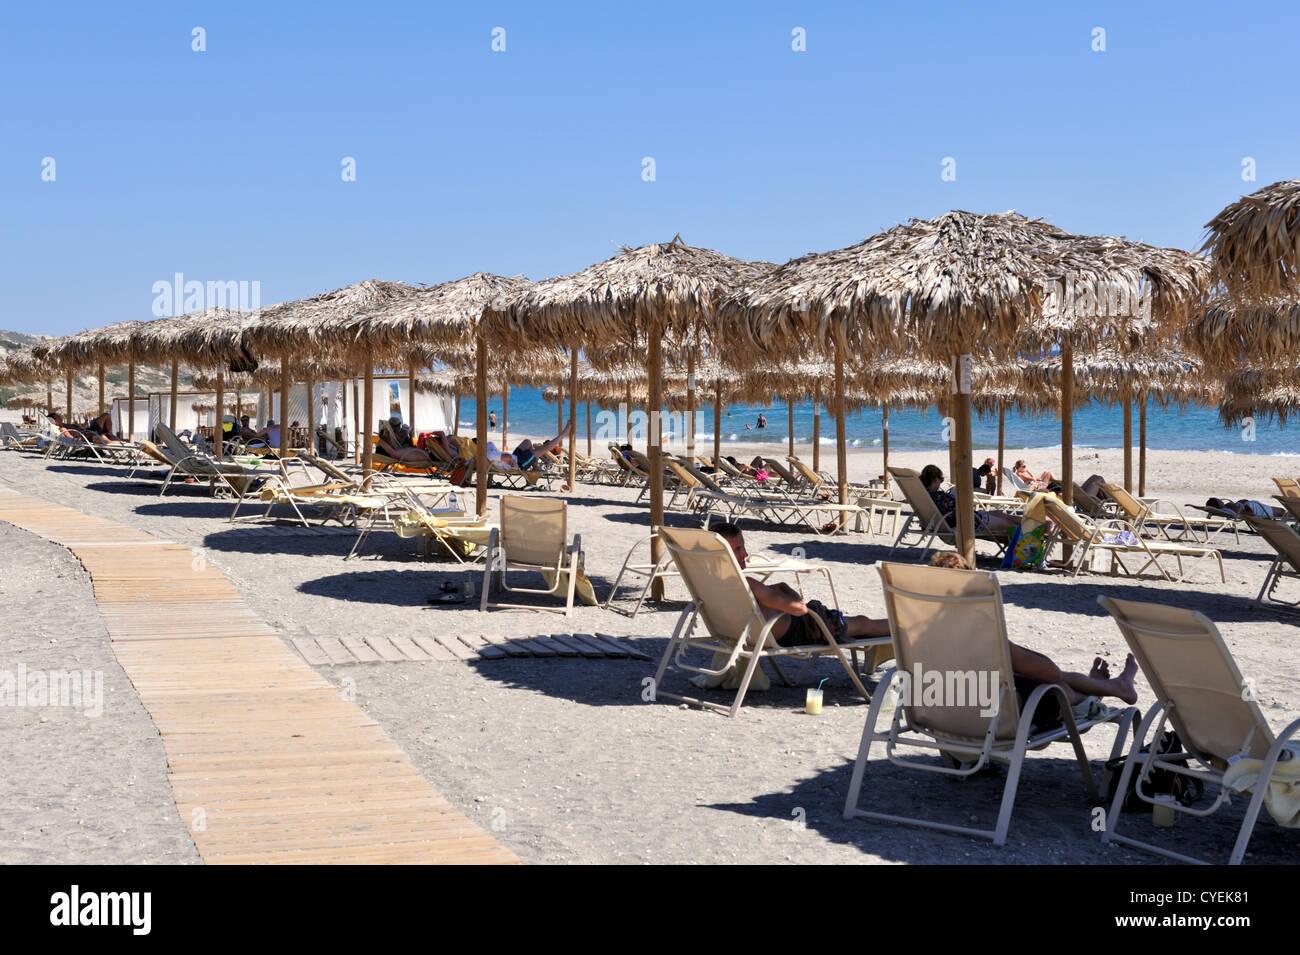 Sandstrand auf dem Seeweg mit strohgedeckten Sonnenschirmen, an Bord gehen und Touristen, Insel Kos, Griechenland Stockbild